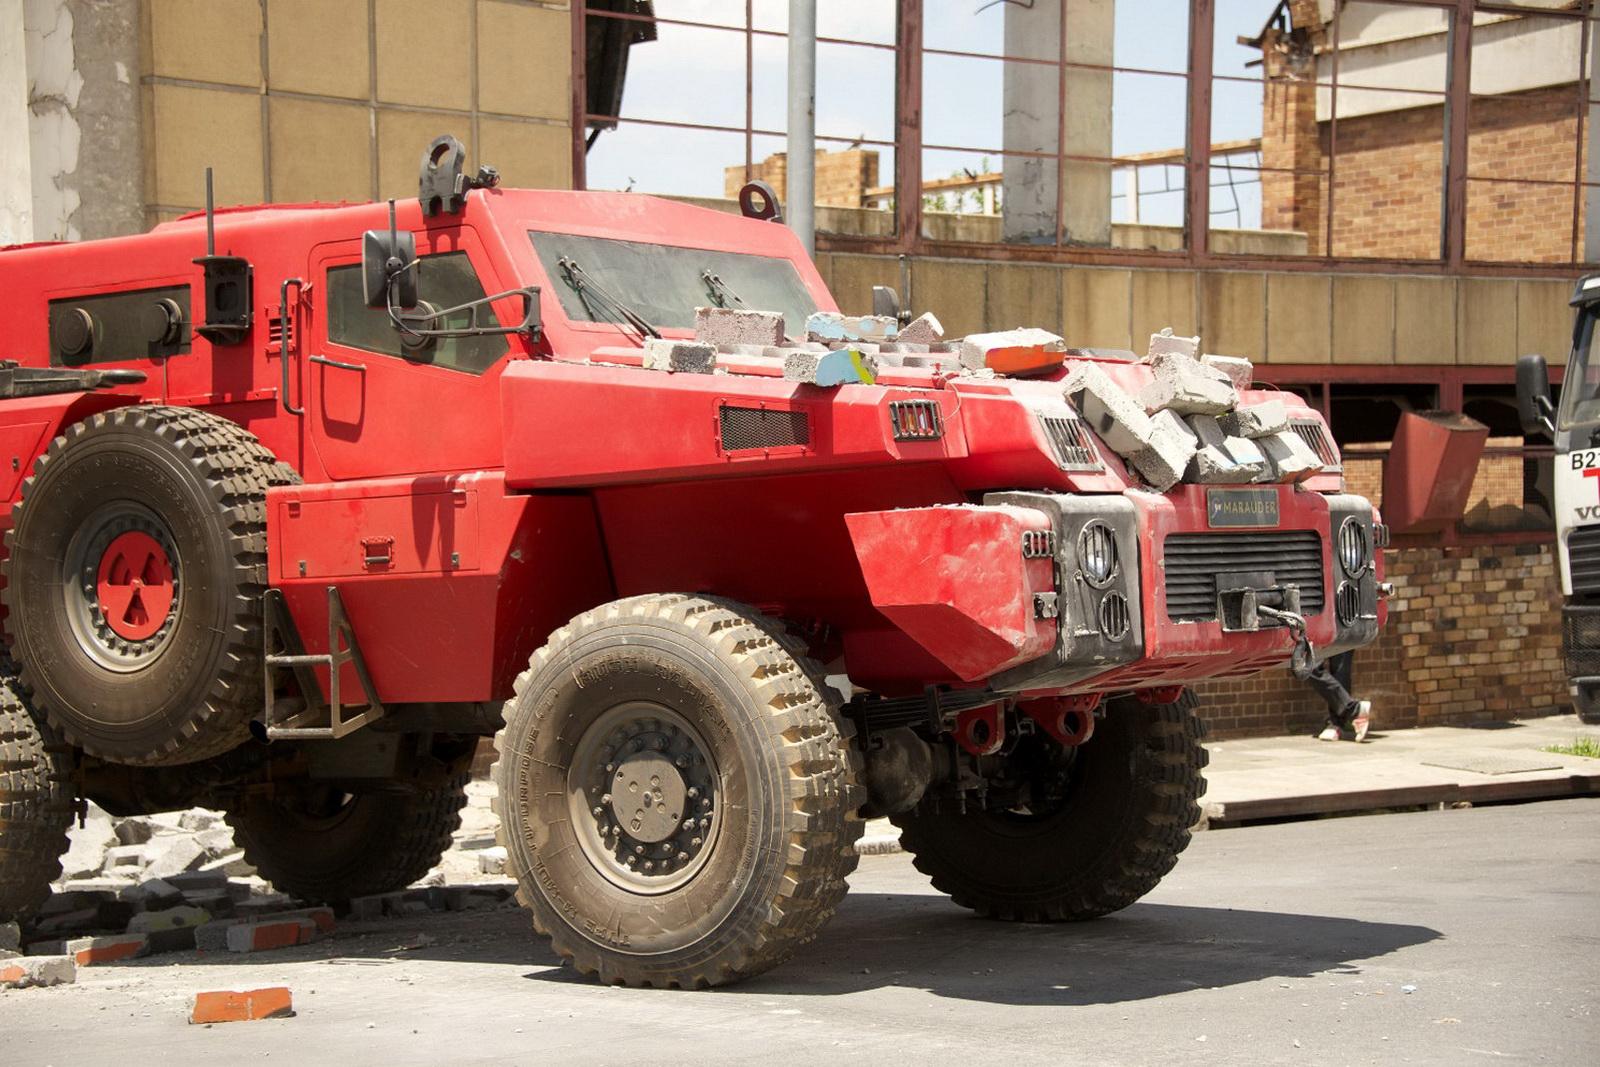 military marauder military machine